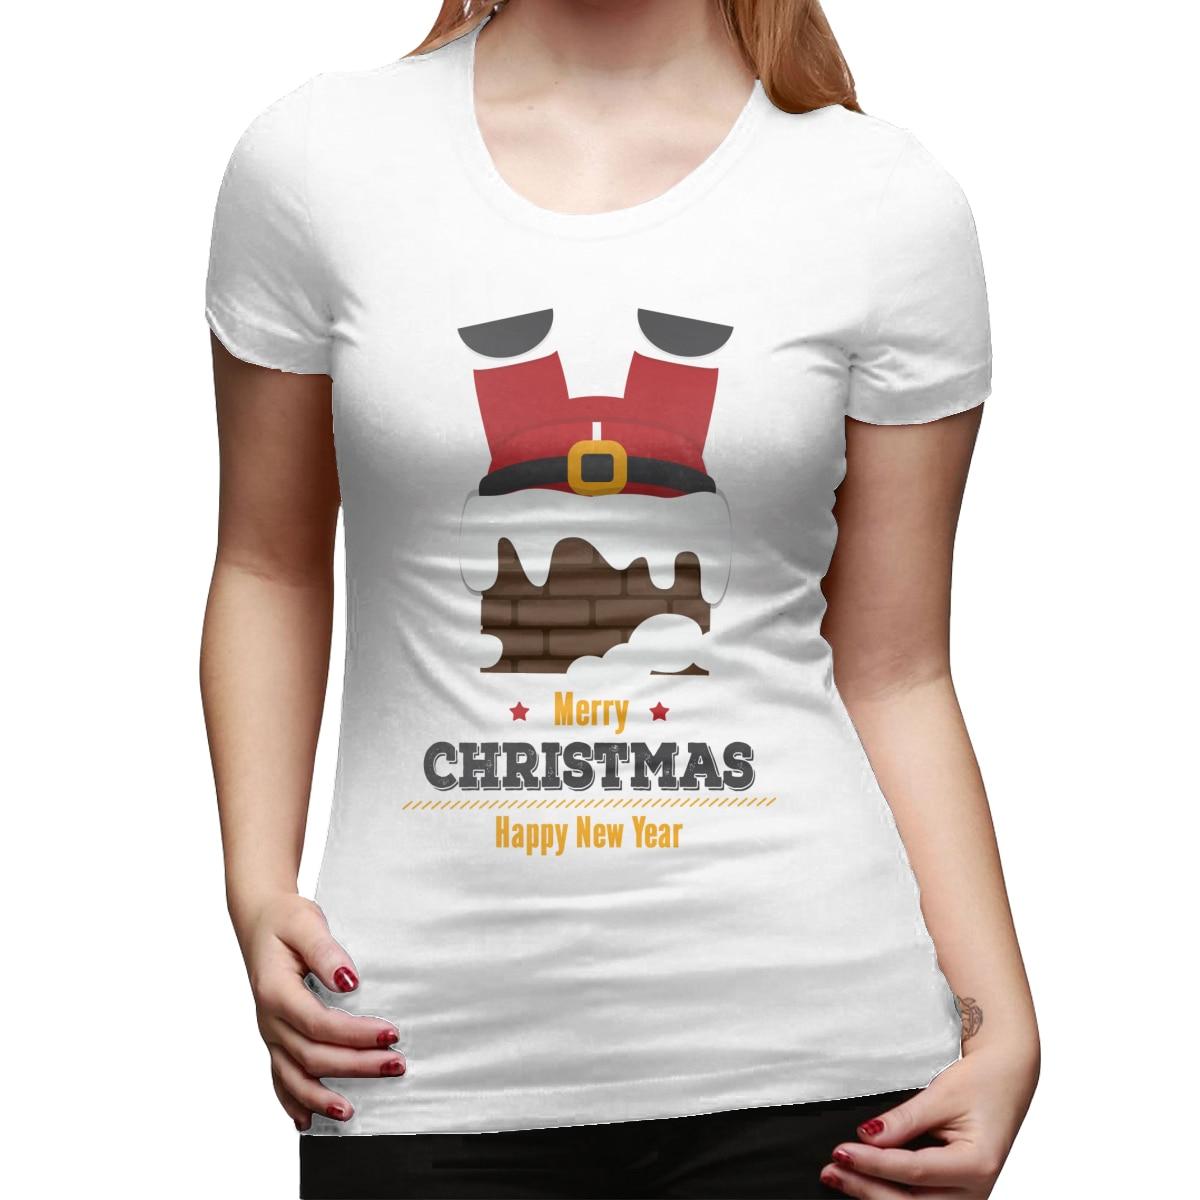 Рождественская Футболка с принтом Санты, летняя женская футболка с коротким рукавом для отдыха, повседневная женская футболка, женская оде...